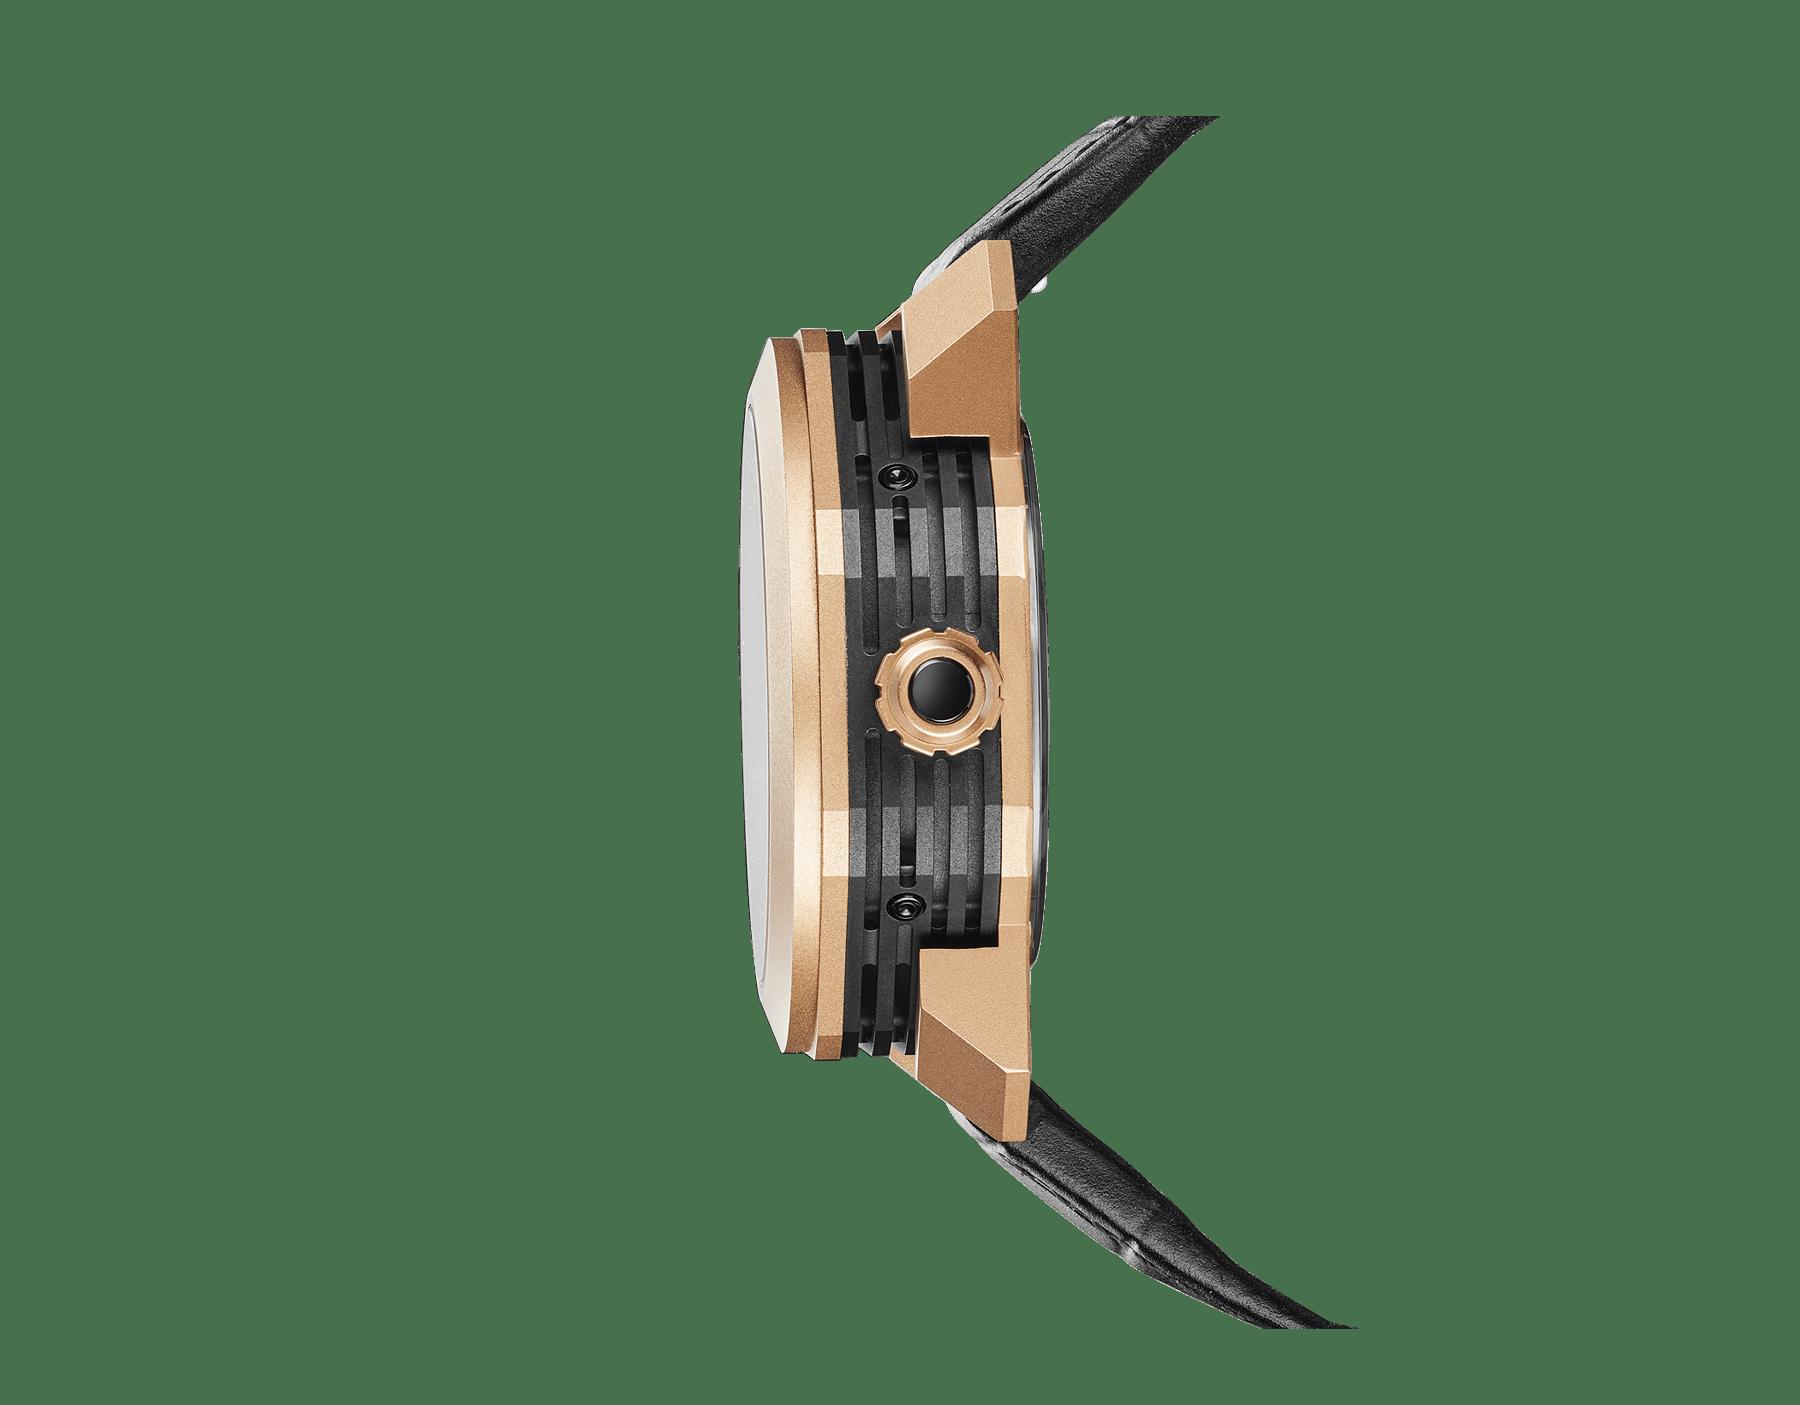 Relógio Octo Grande Sonnerie com movimento de manufatura mecânico, Grande e Petite Sonnerie, repetidor de minutos, turbilhão, calendário perpétuo, fases da lua, indicação de reserva de marcha para movimento e carrilhão, caixa em ouro rosa 18K jateado, mostrador esqueletizado e pulseira em couro de jacaré preto 102891 image 3